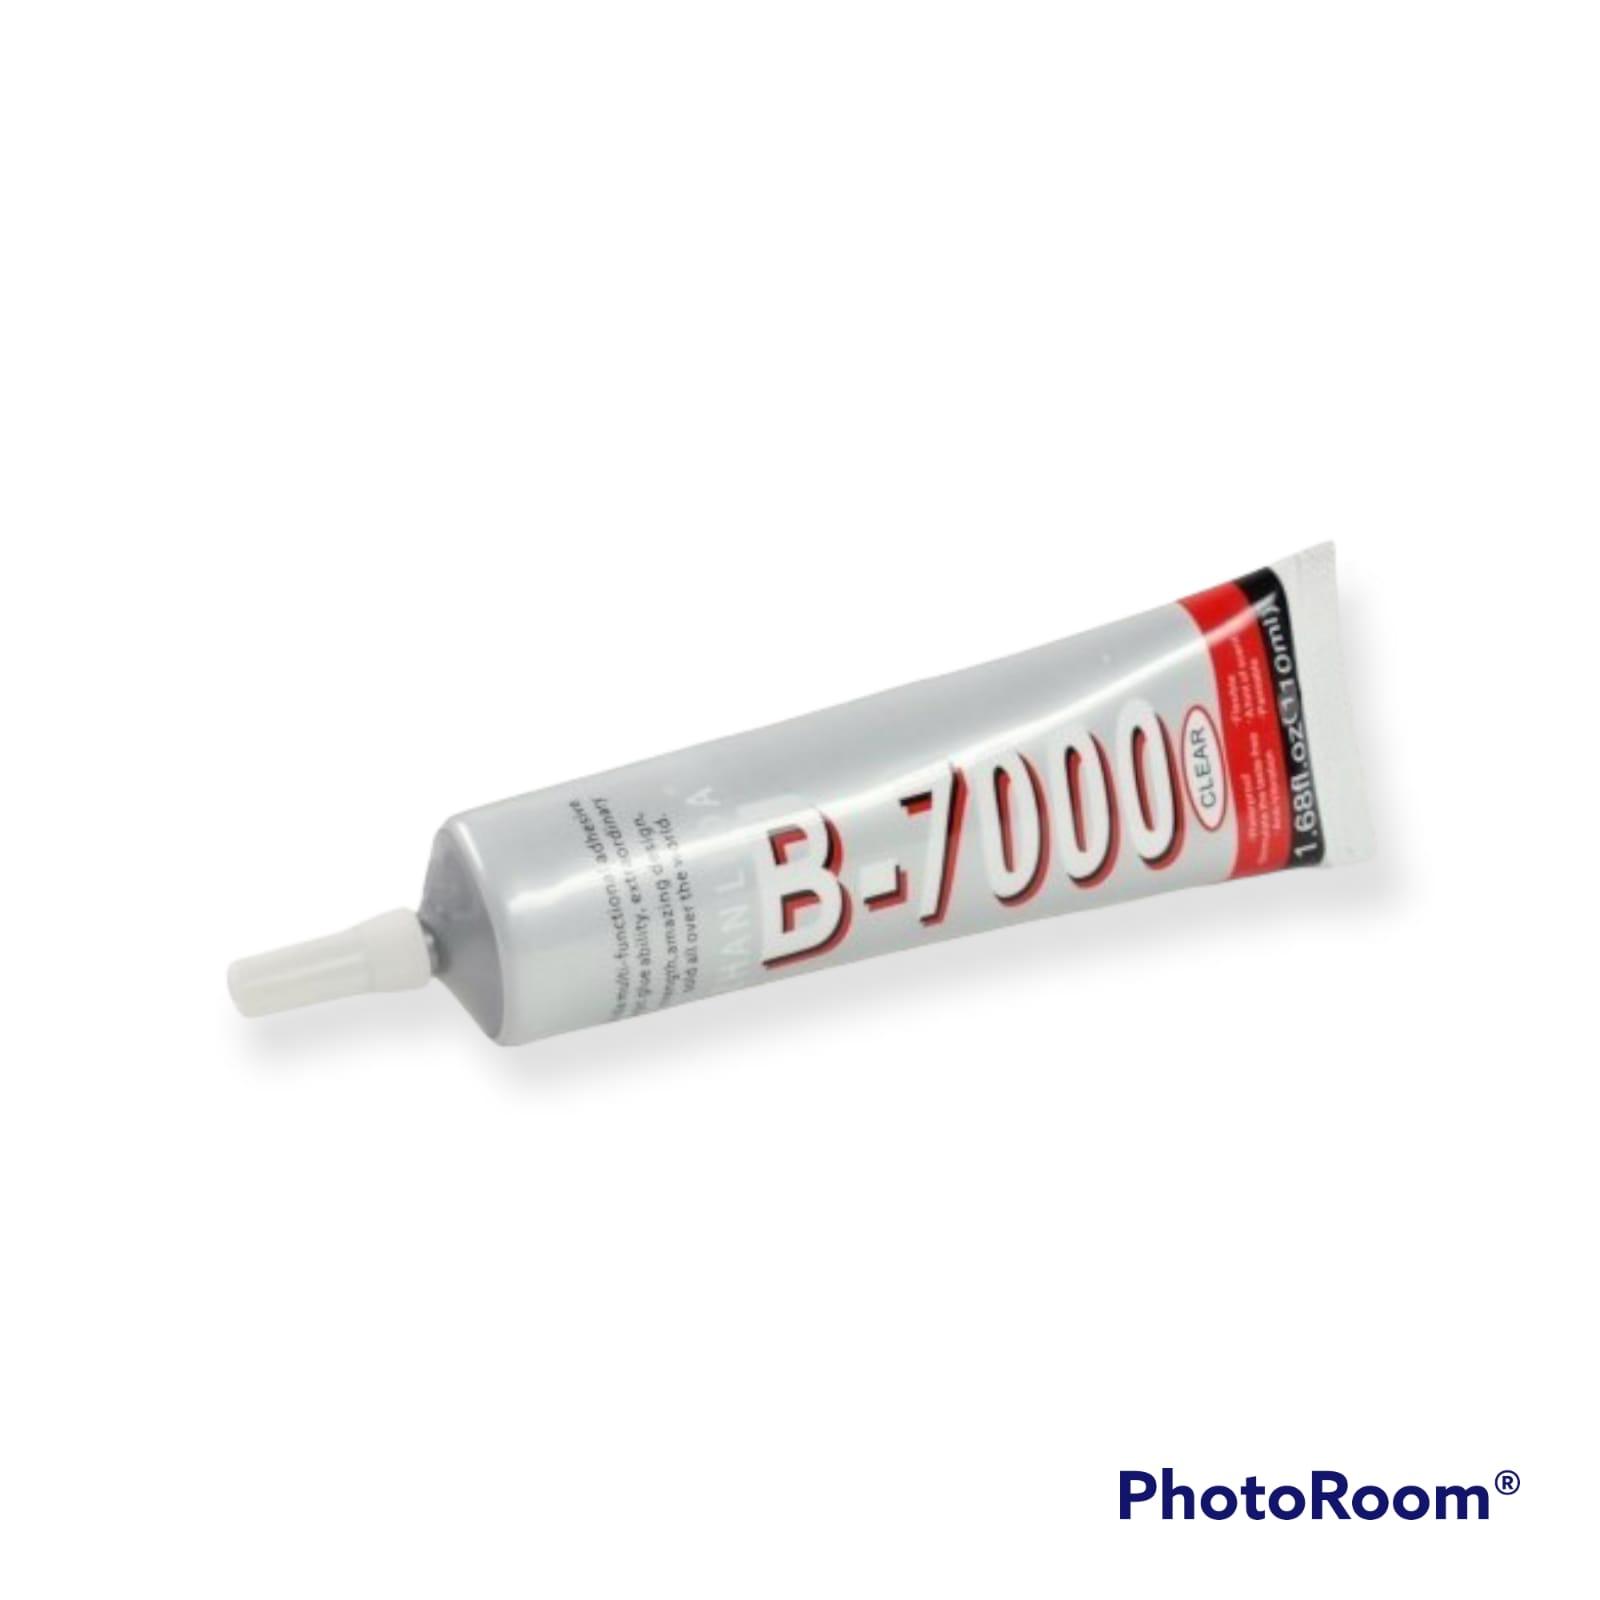 Pega Adhesiva Zhanlida B-7000